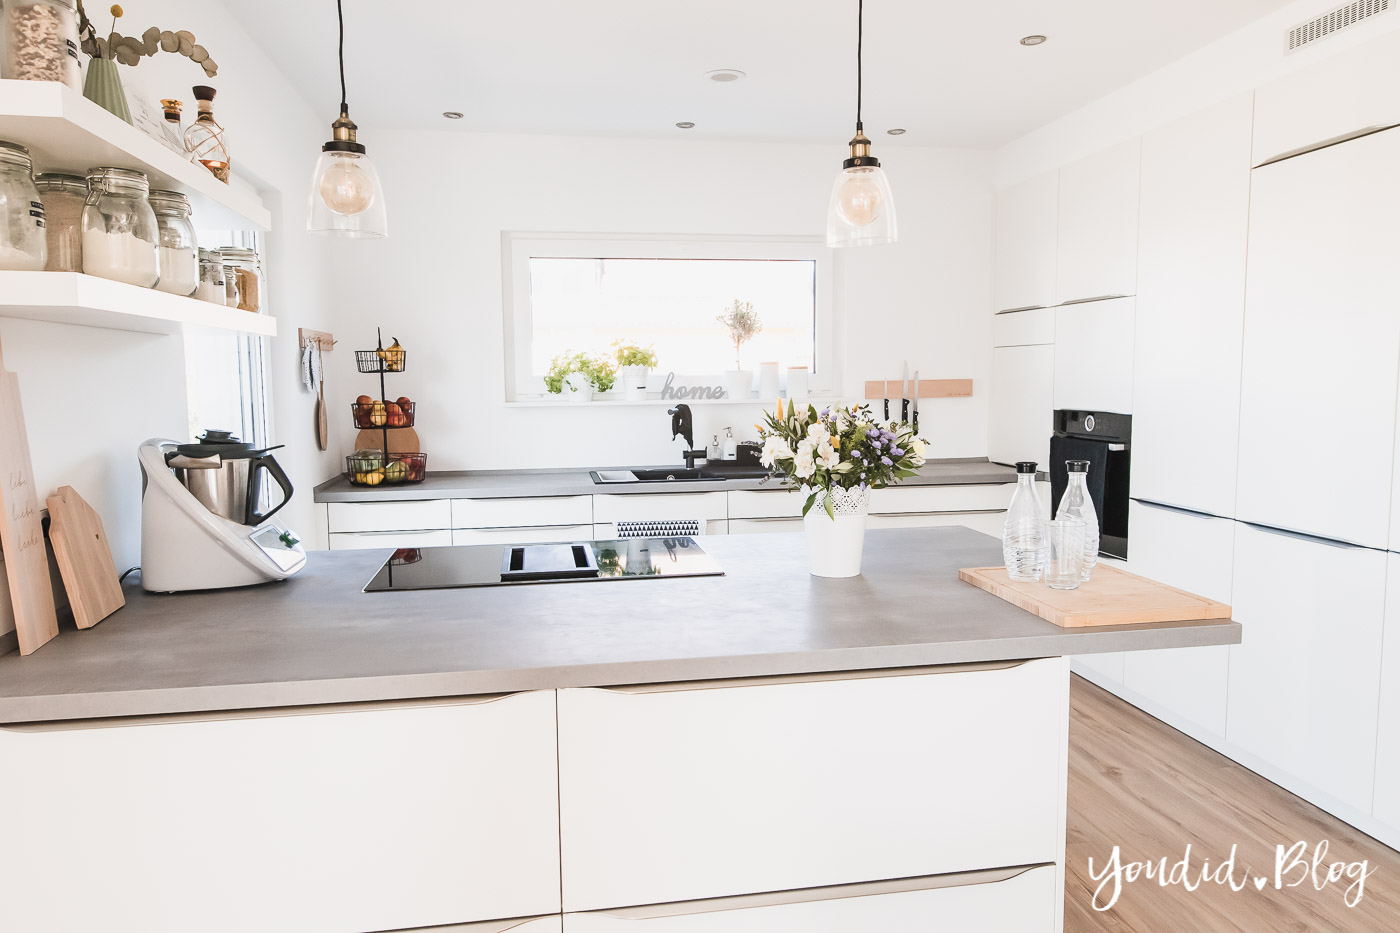 Bauanleitung Küchenhochschränke verkoffern Trockenbau in der Küche und Lichtkonzept in der Küche | https://youdid.blog